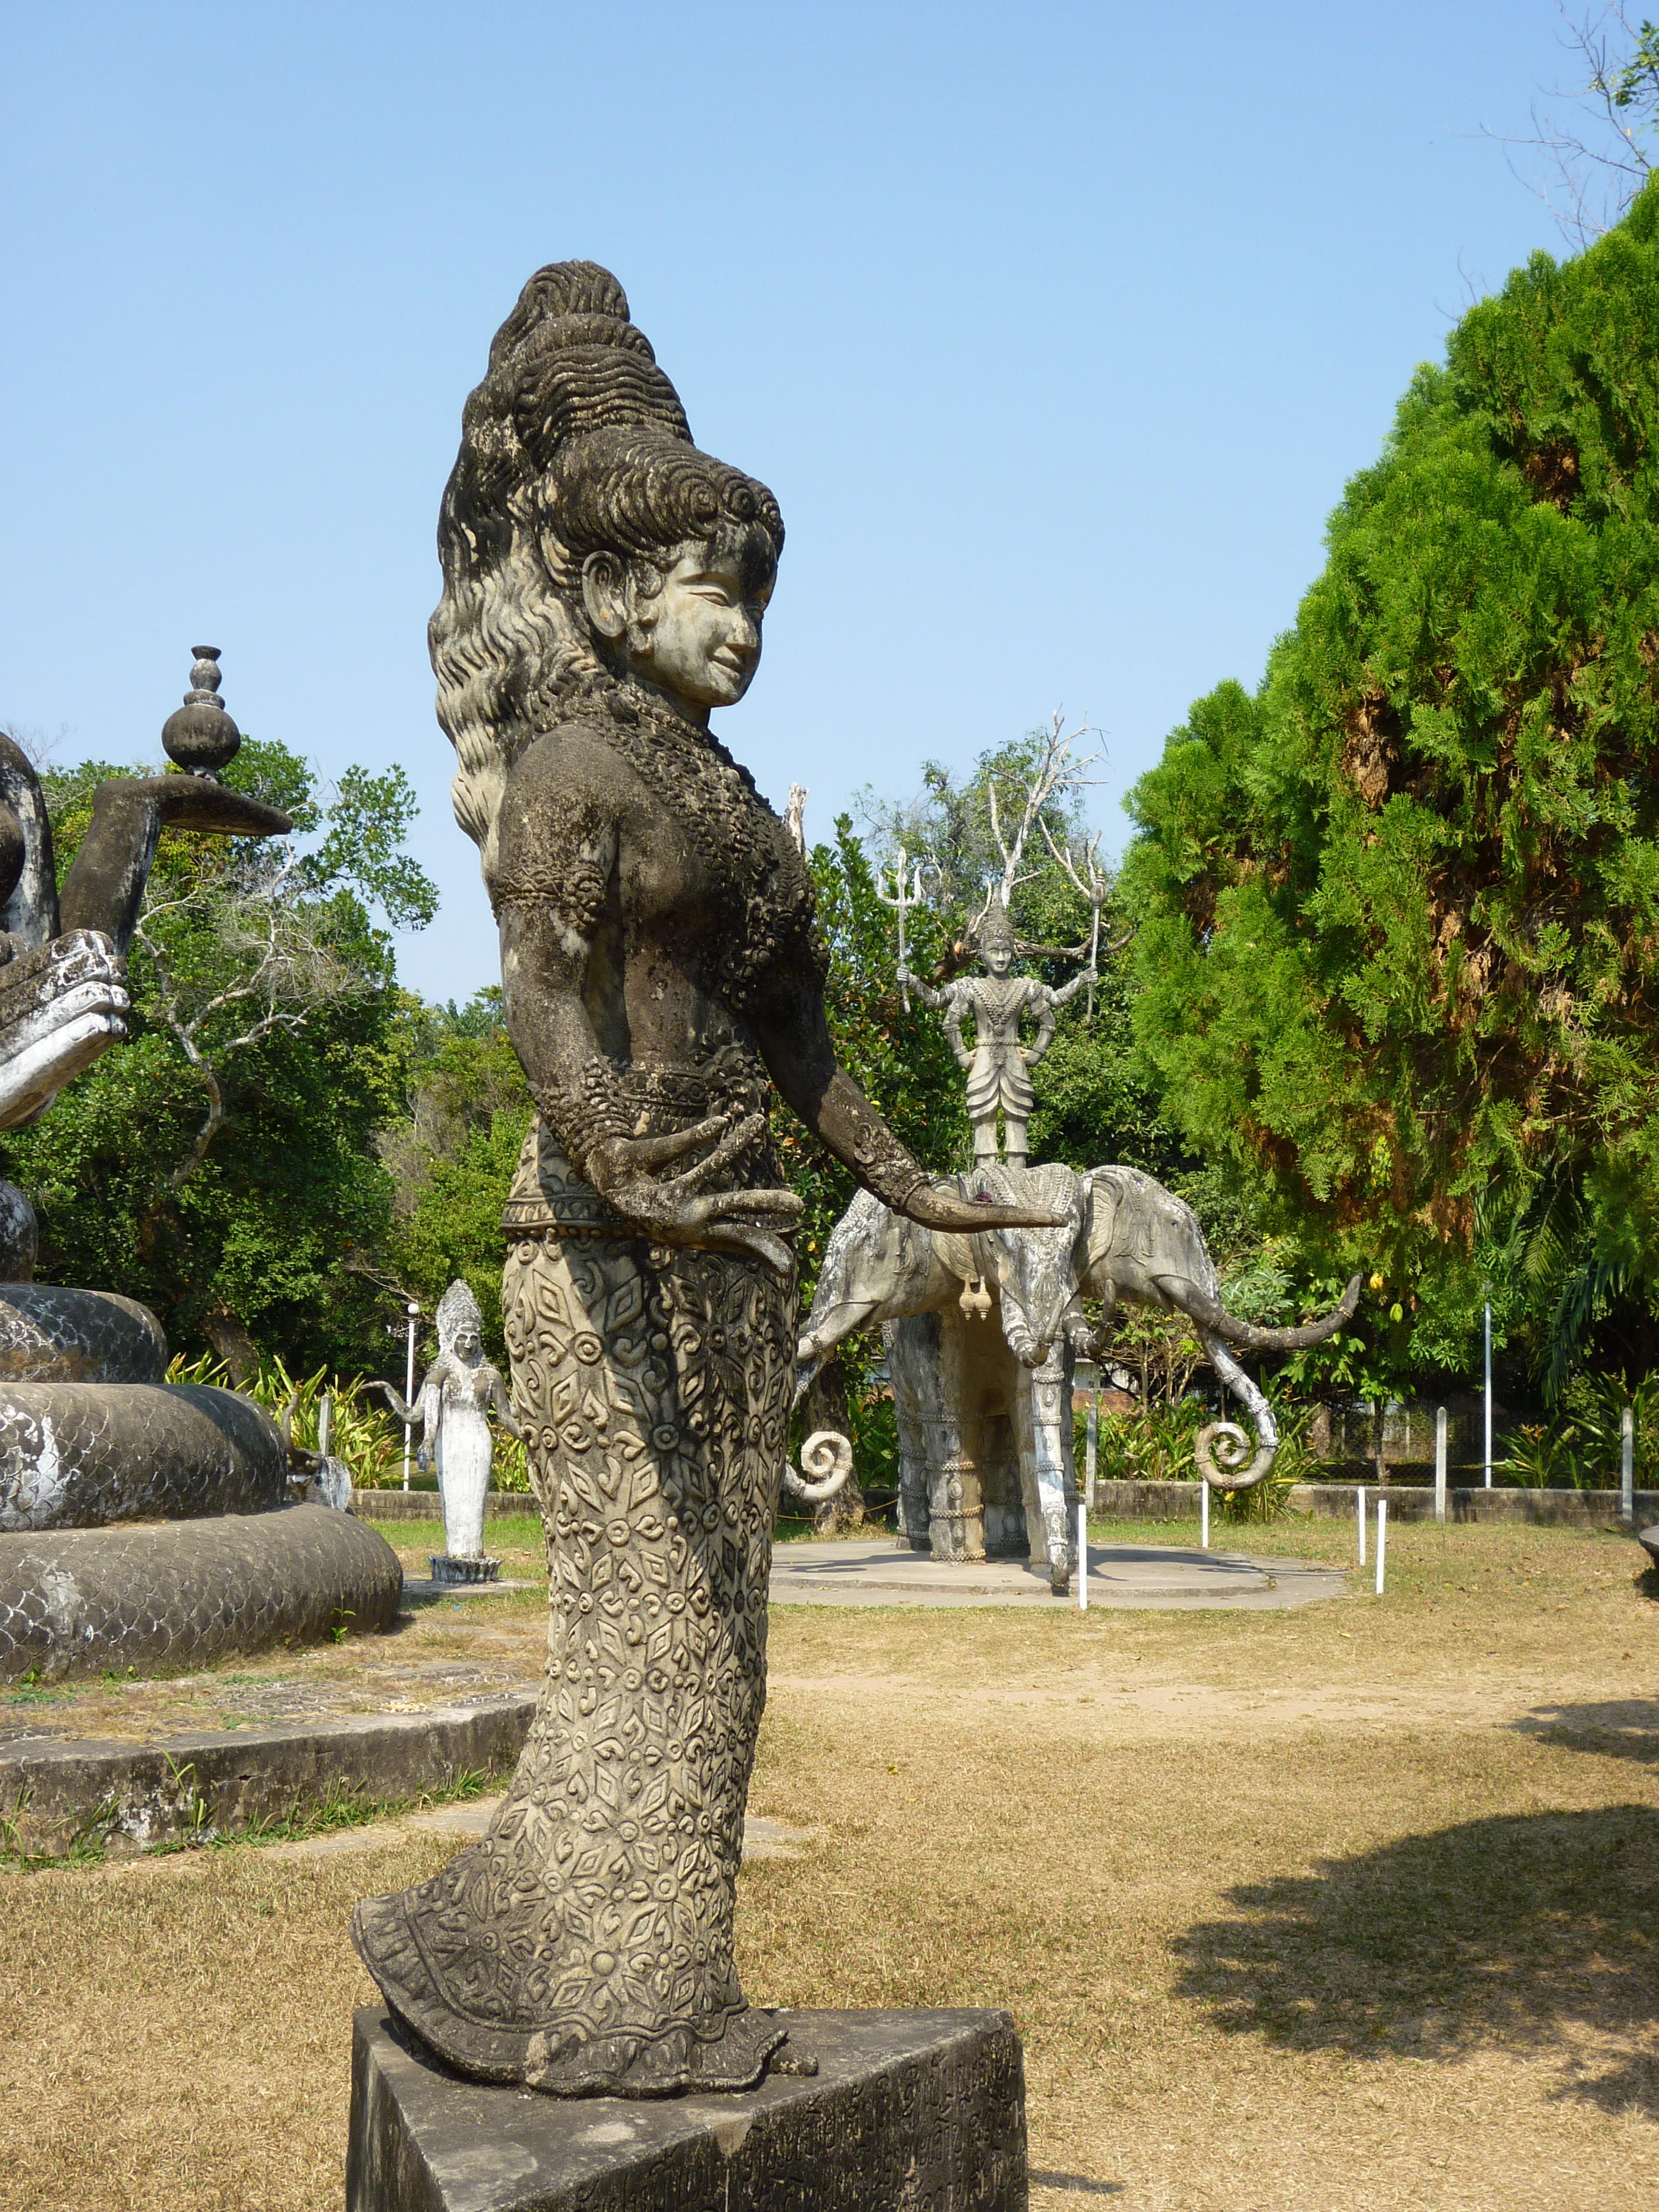 Photo in the album Pakse & Vientiane